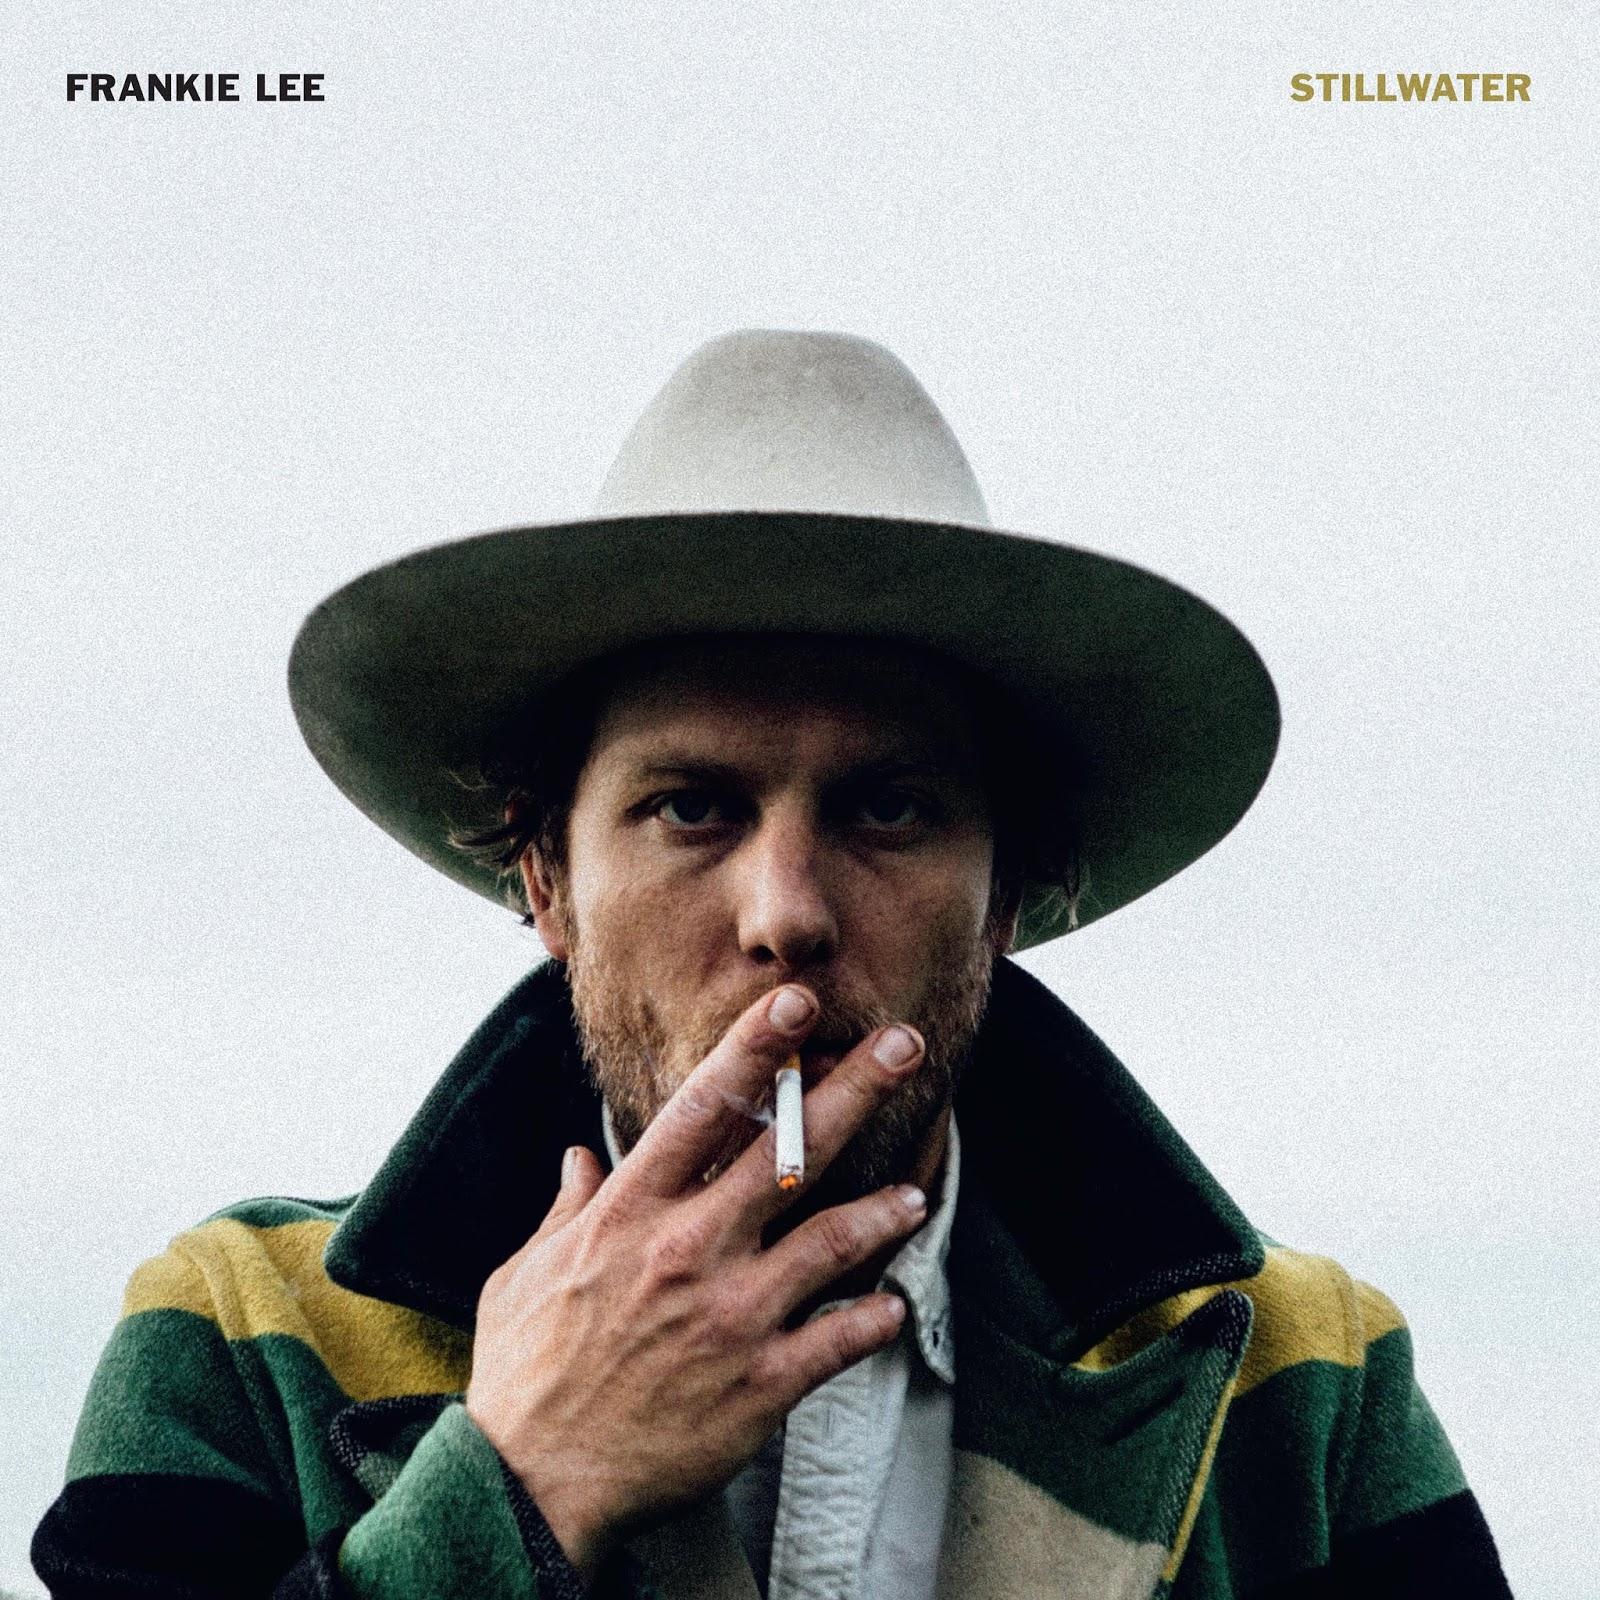 ¿Qué estáis escuchando ahora? - Página 4 FrankieLee_Stillwater_lores_RGB-3000-1